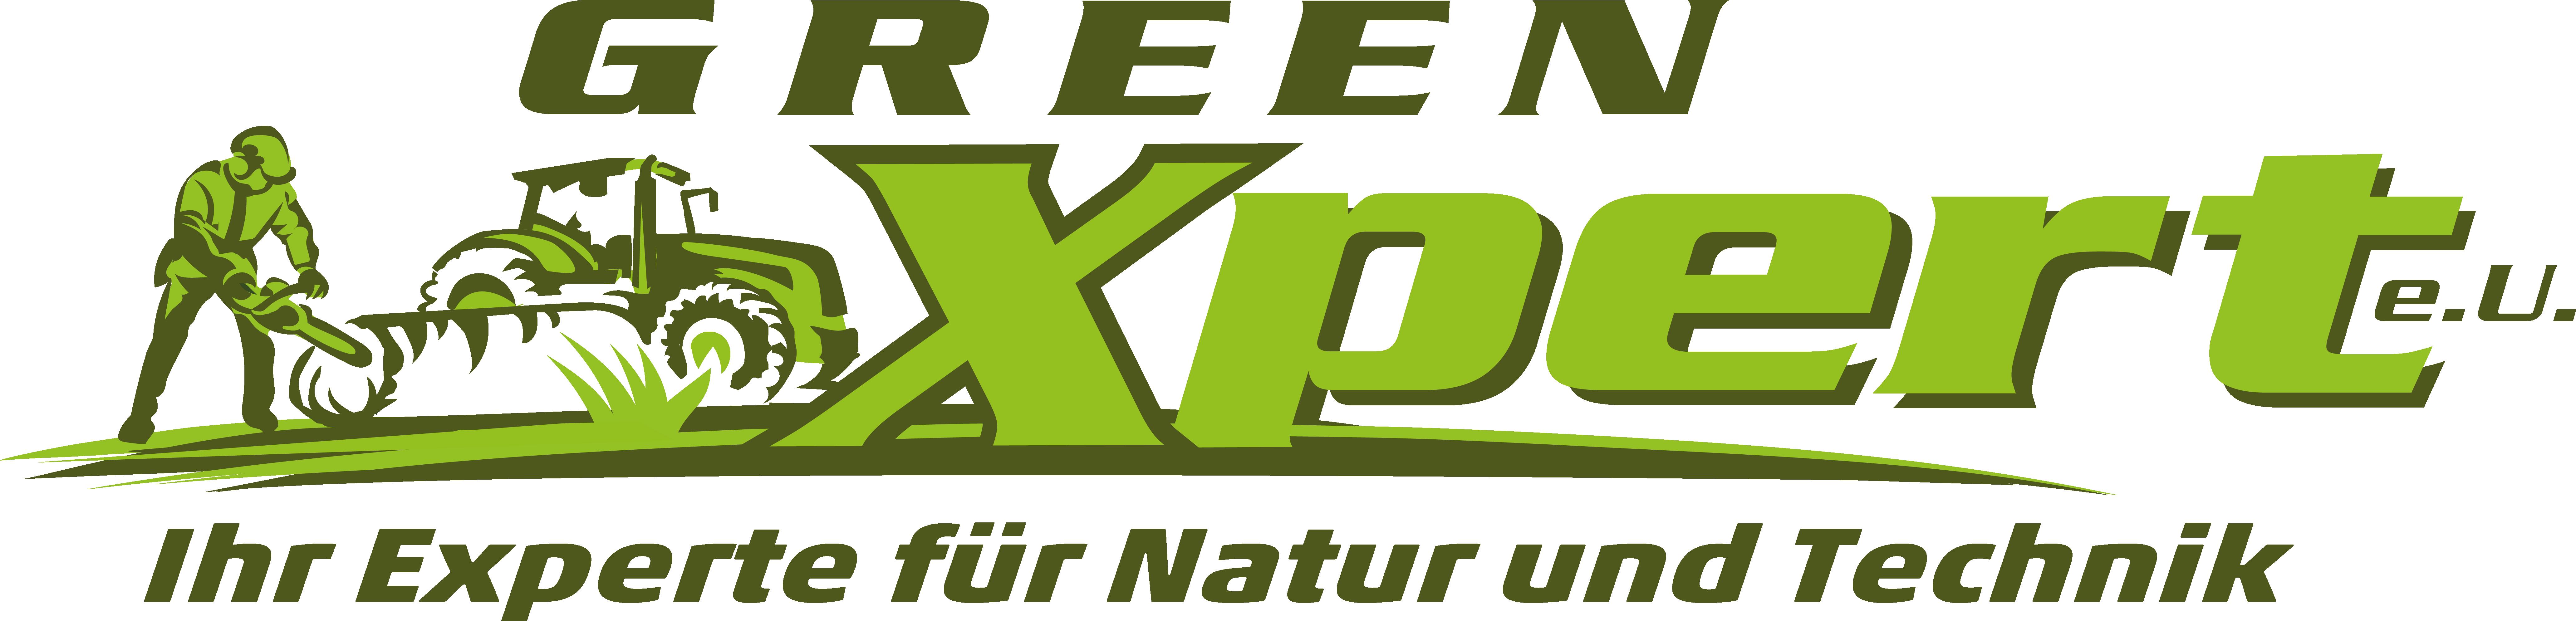 GreenXpert e.U. aus Walding im Bezirk Urfahr-Umgebung | GreenXpert e.U. - Experte für Land- & Forsttechnik, Forstpflege, Gartenpflege, Rasenneugestaltungen, Erdbewegungen und Transporte aus Walding in Oberösterreich